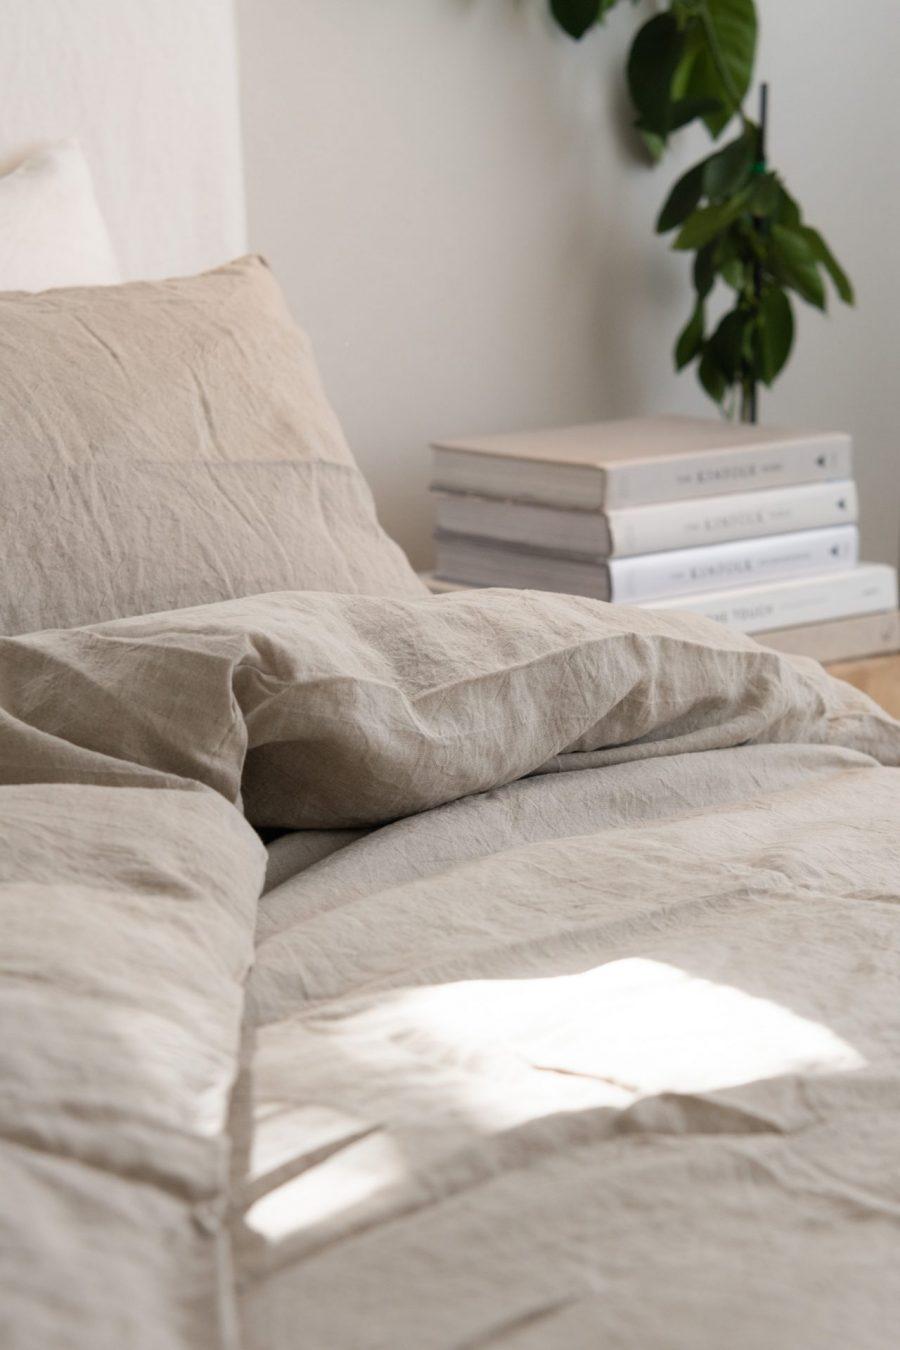 Moss Living natural Linen Duvet_JadeFerguson